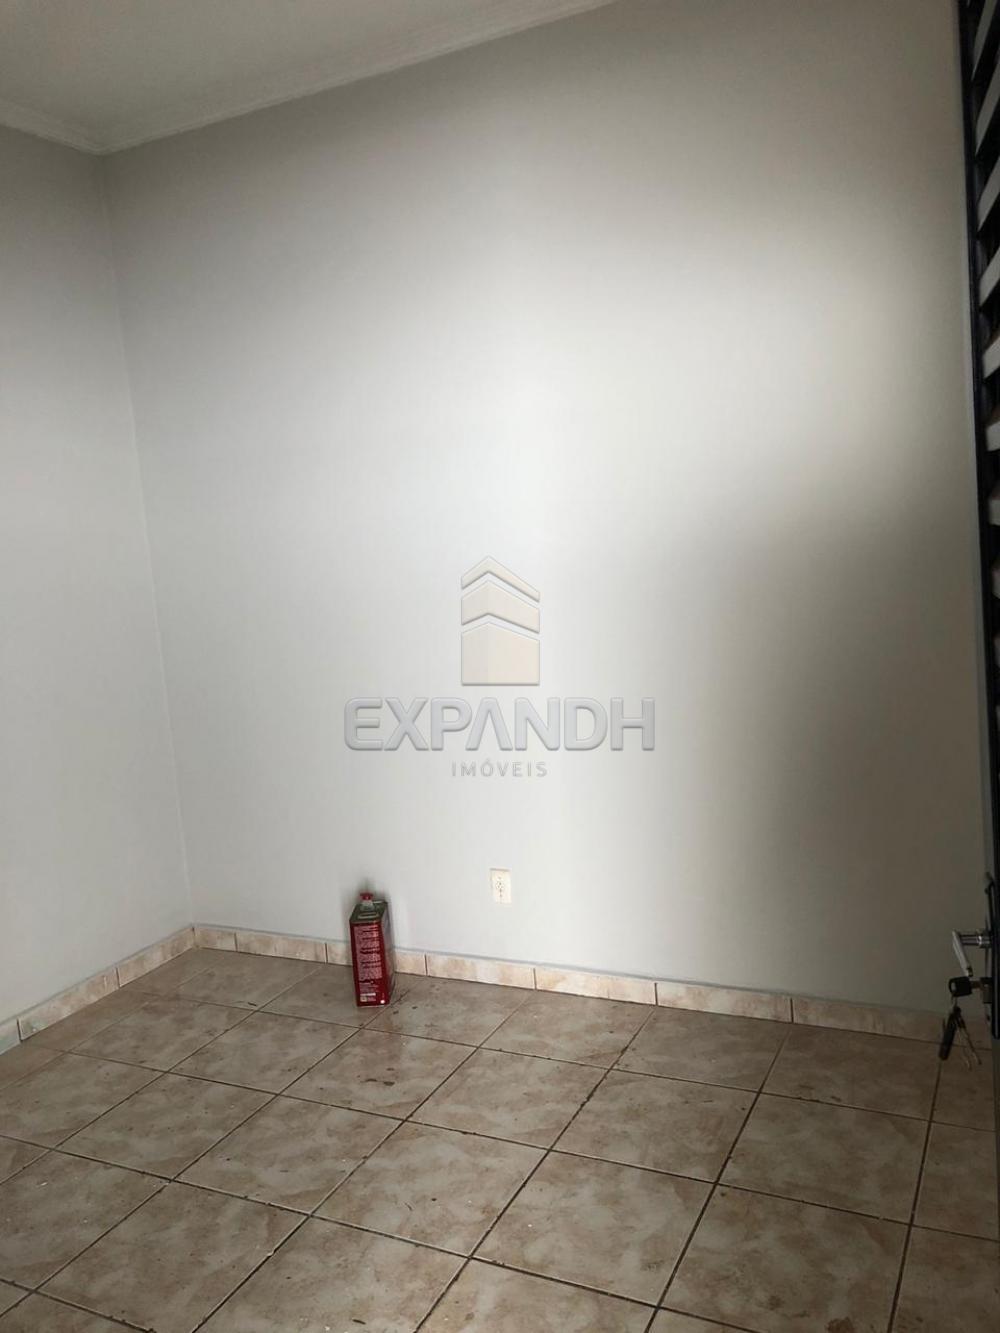 Alugar Comerciais / Salão em Sertãozinho R$ 3.200,00 - Foto 6